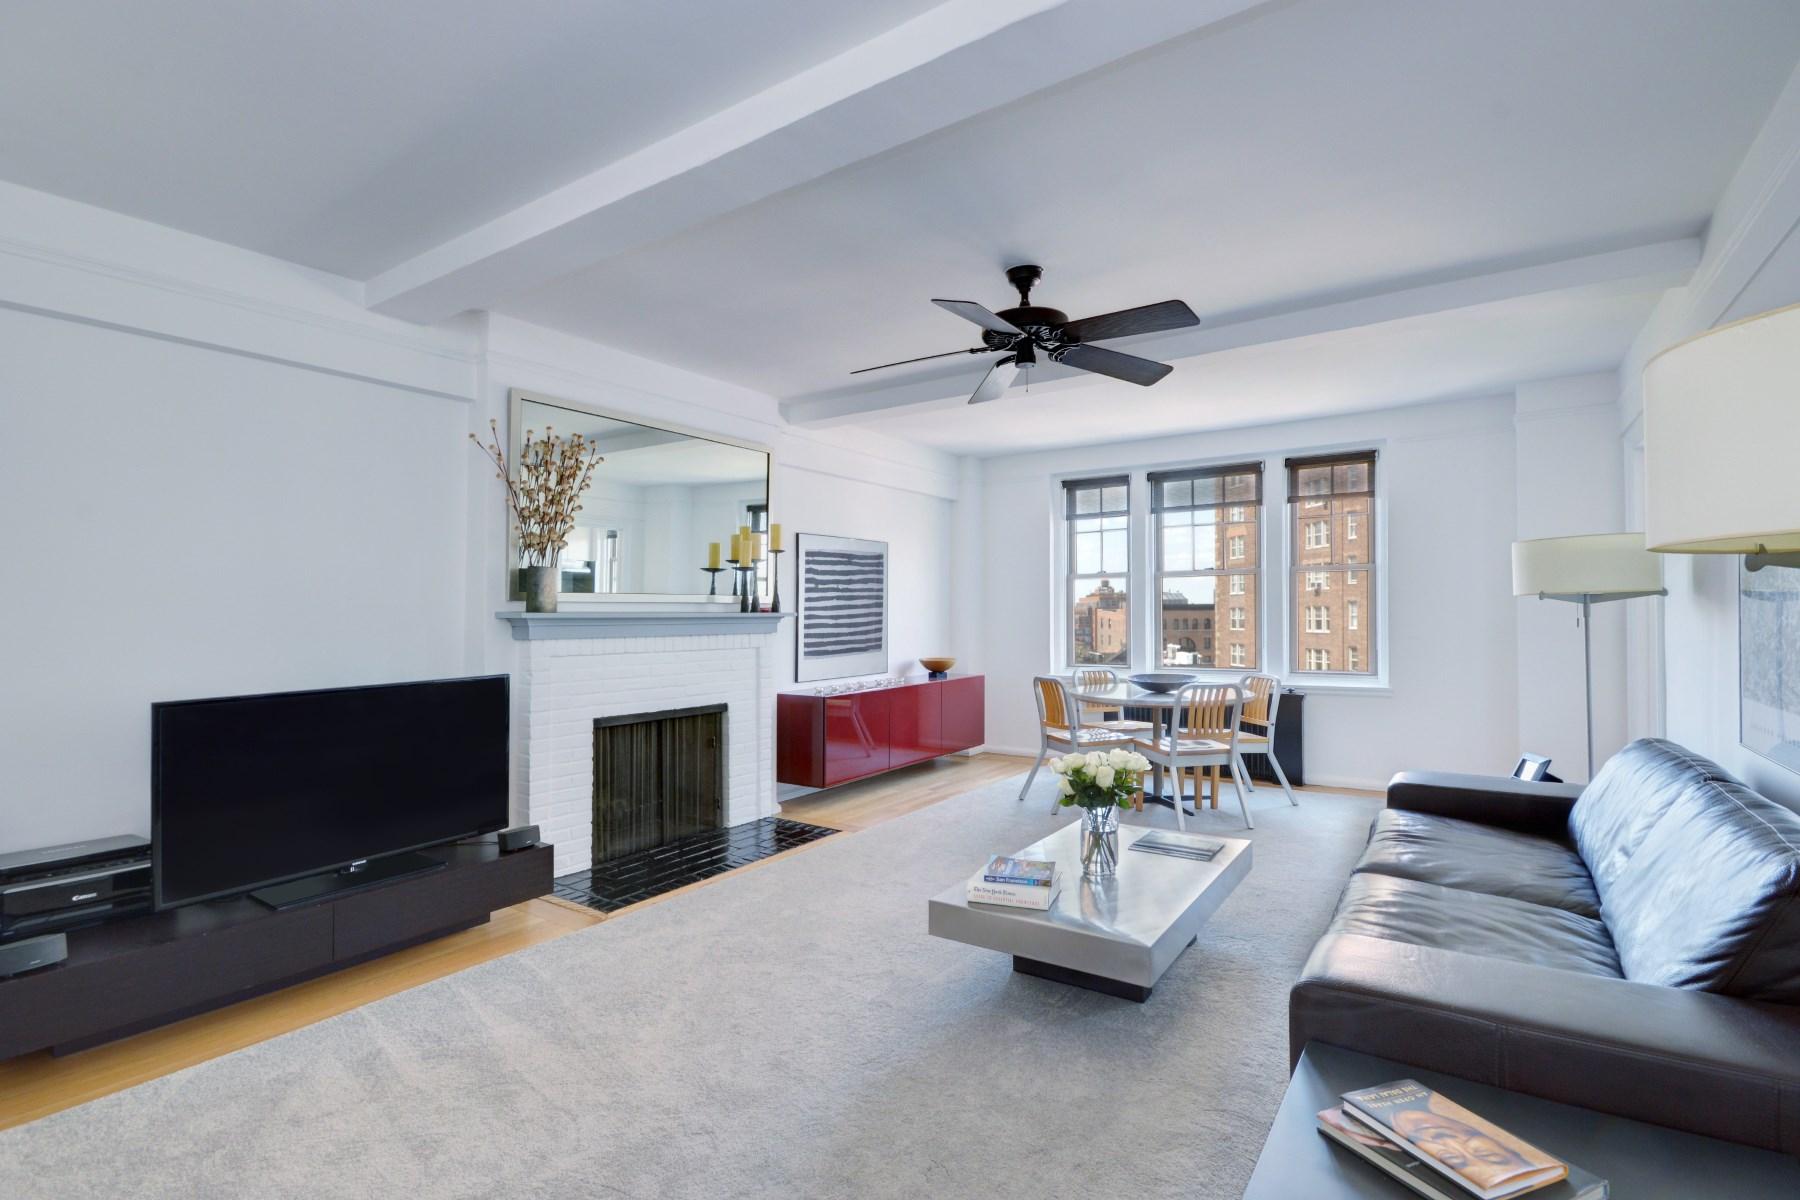 共管式独立产权公寓 为 销售 在 302 West 12th Street, 10D 302 West 12th Street Apt 10d New York, 纽约州 10014 美国